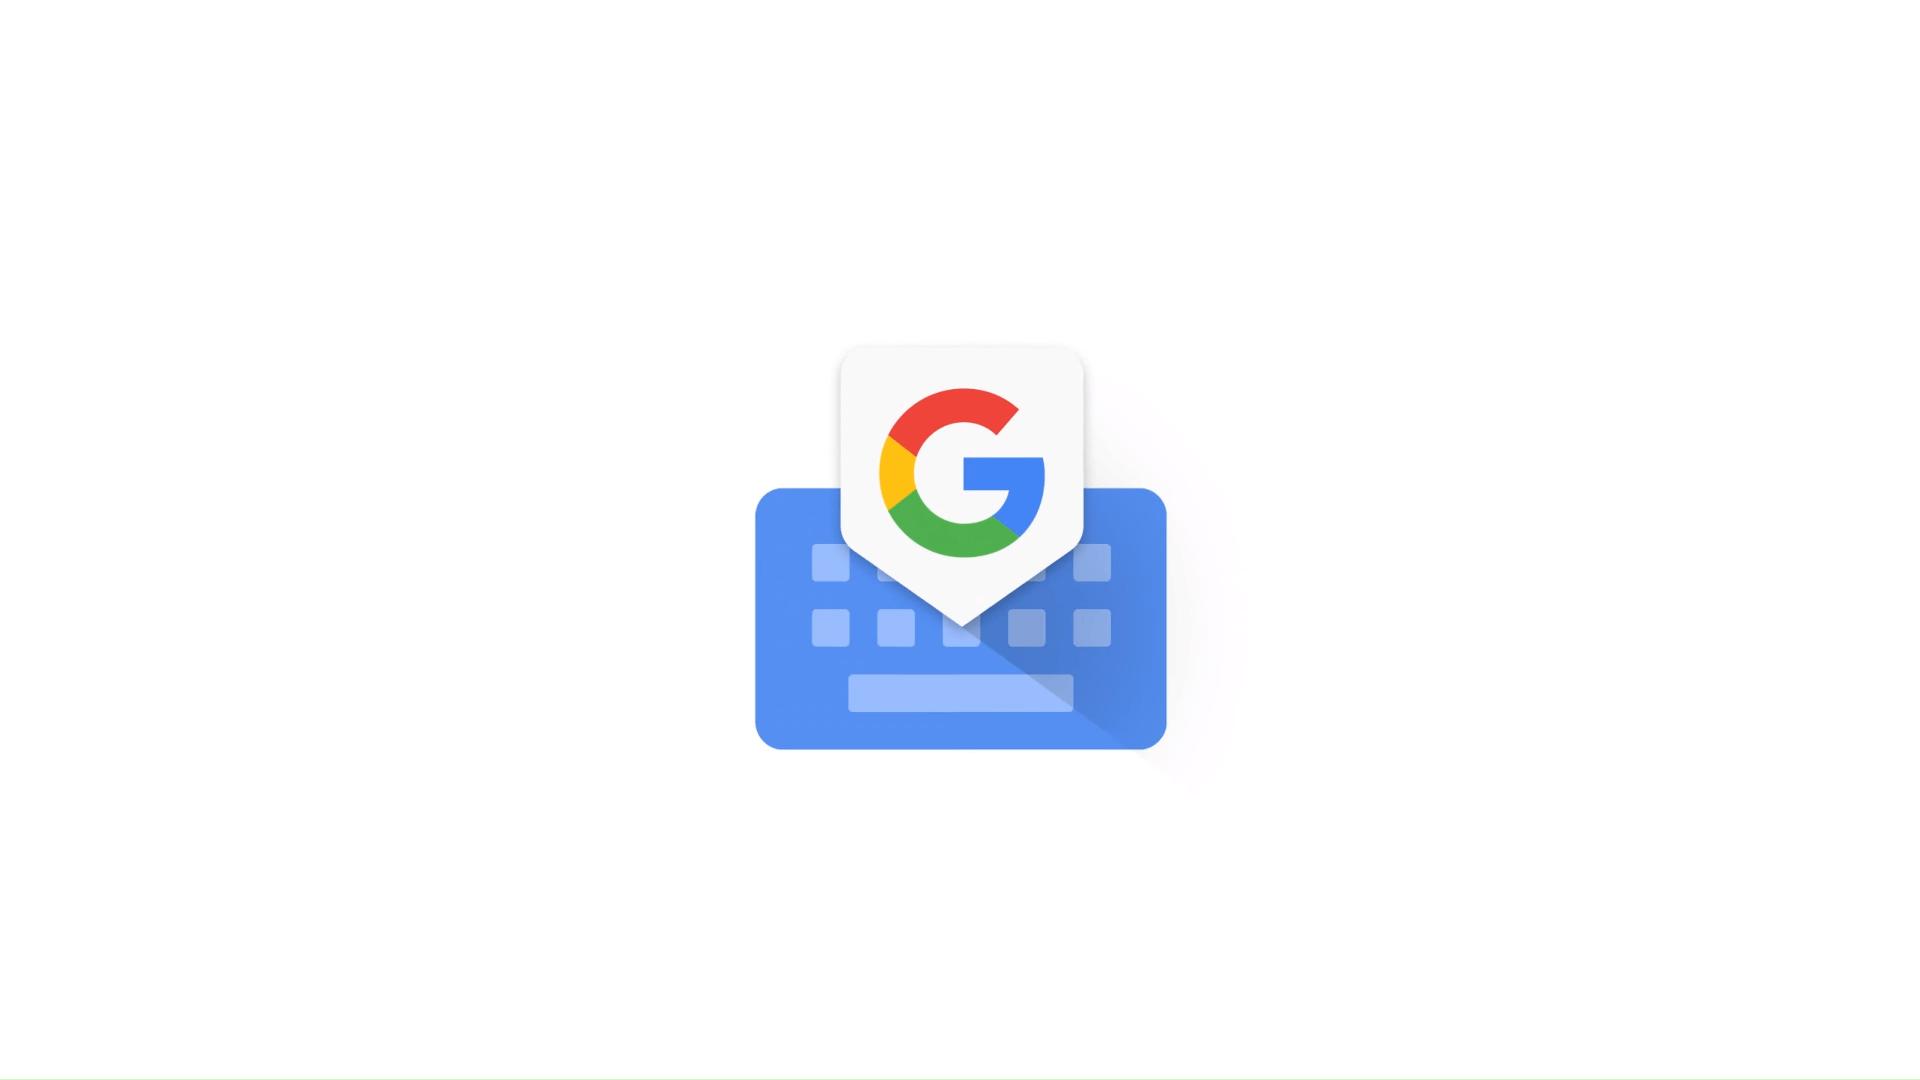 Google Gboard-en aukera berriak etorriko dira!